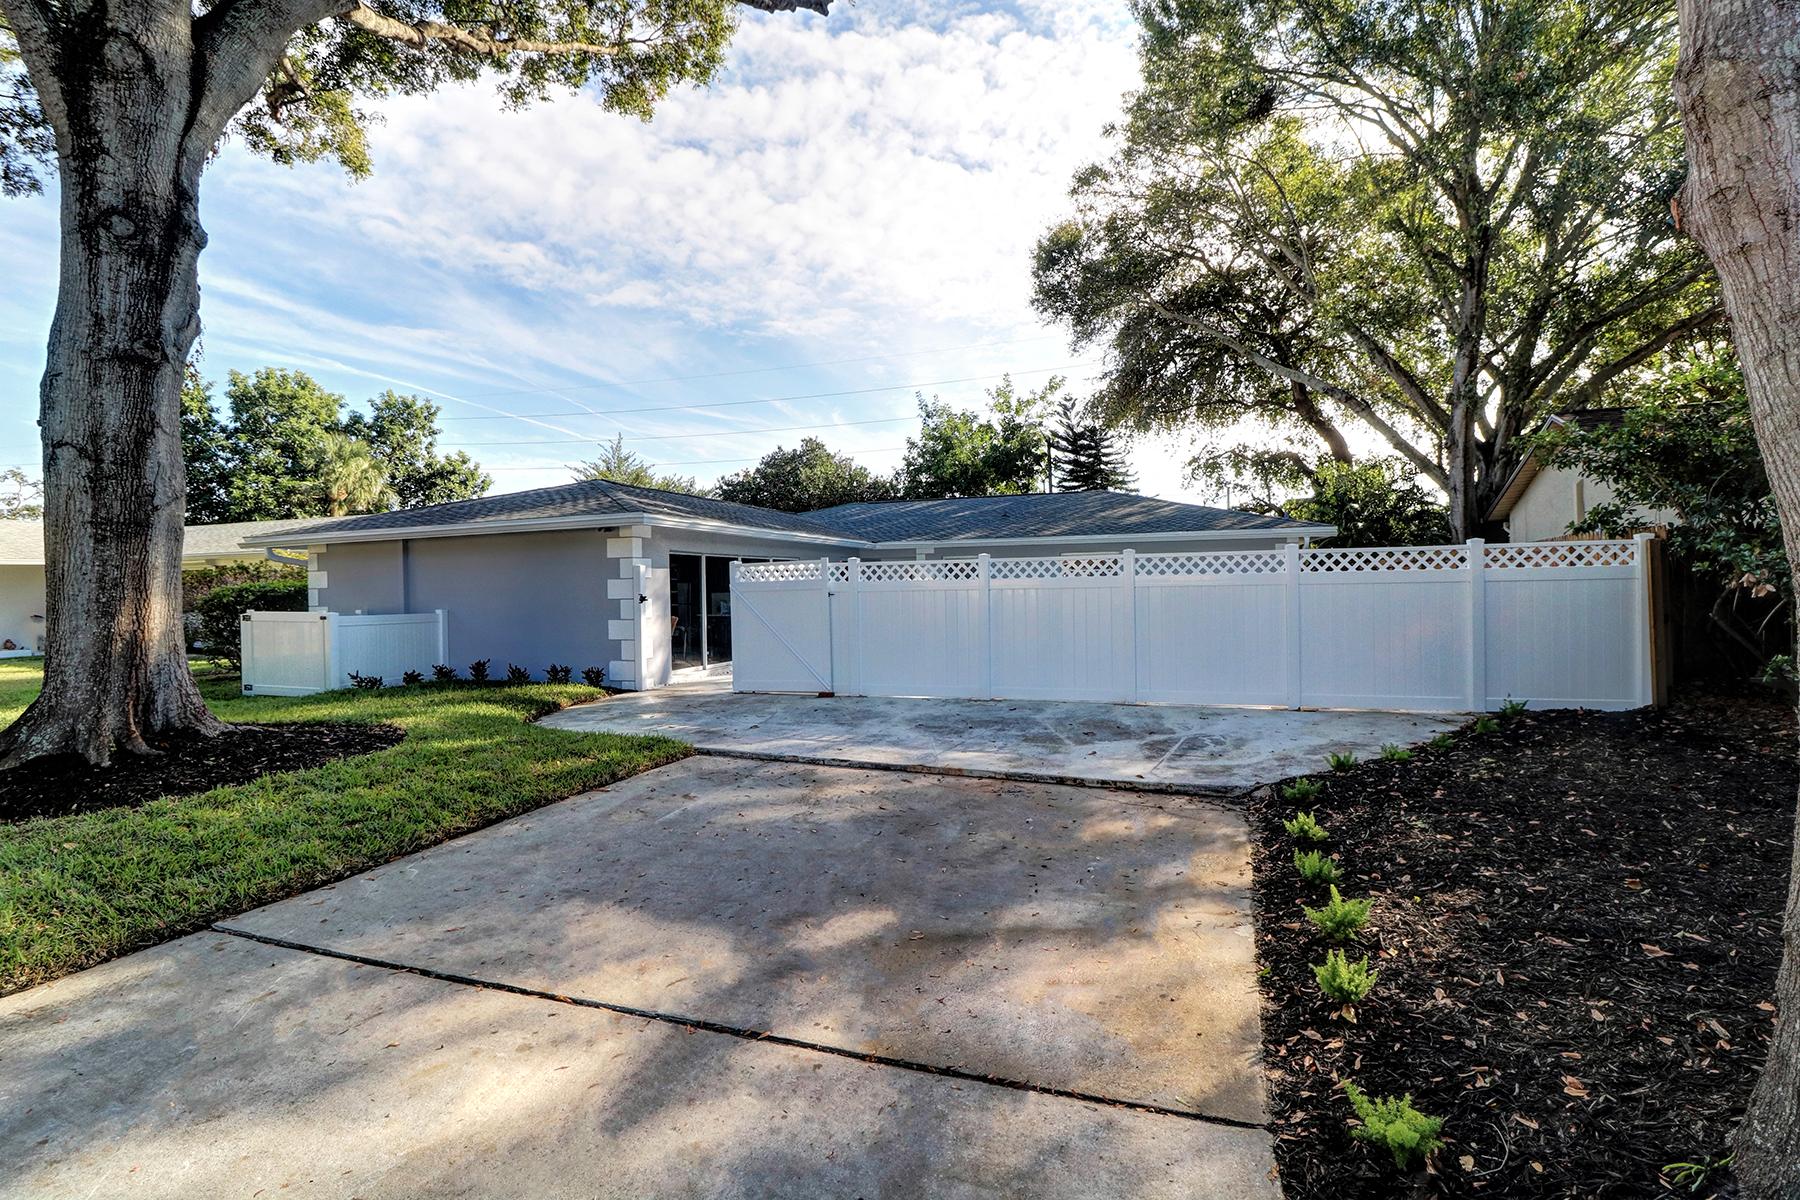 Maison unifamiliale pour l Vente à CLEARWATER 2363 Pineland Ln Clearwater, Florida, 33763 États-Unis